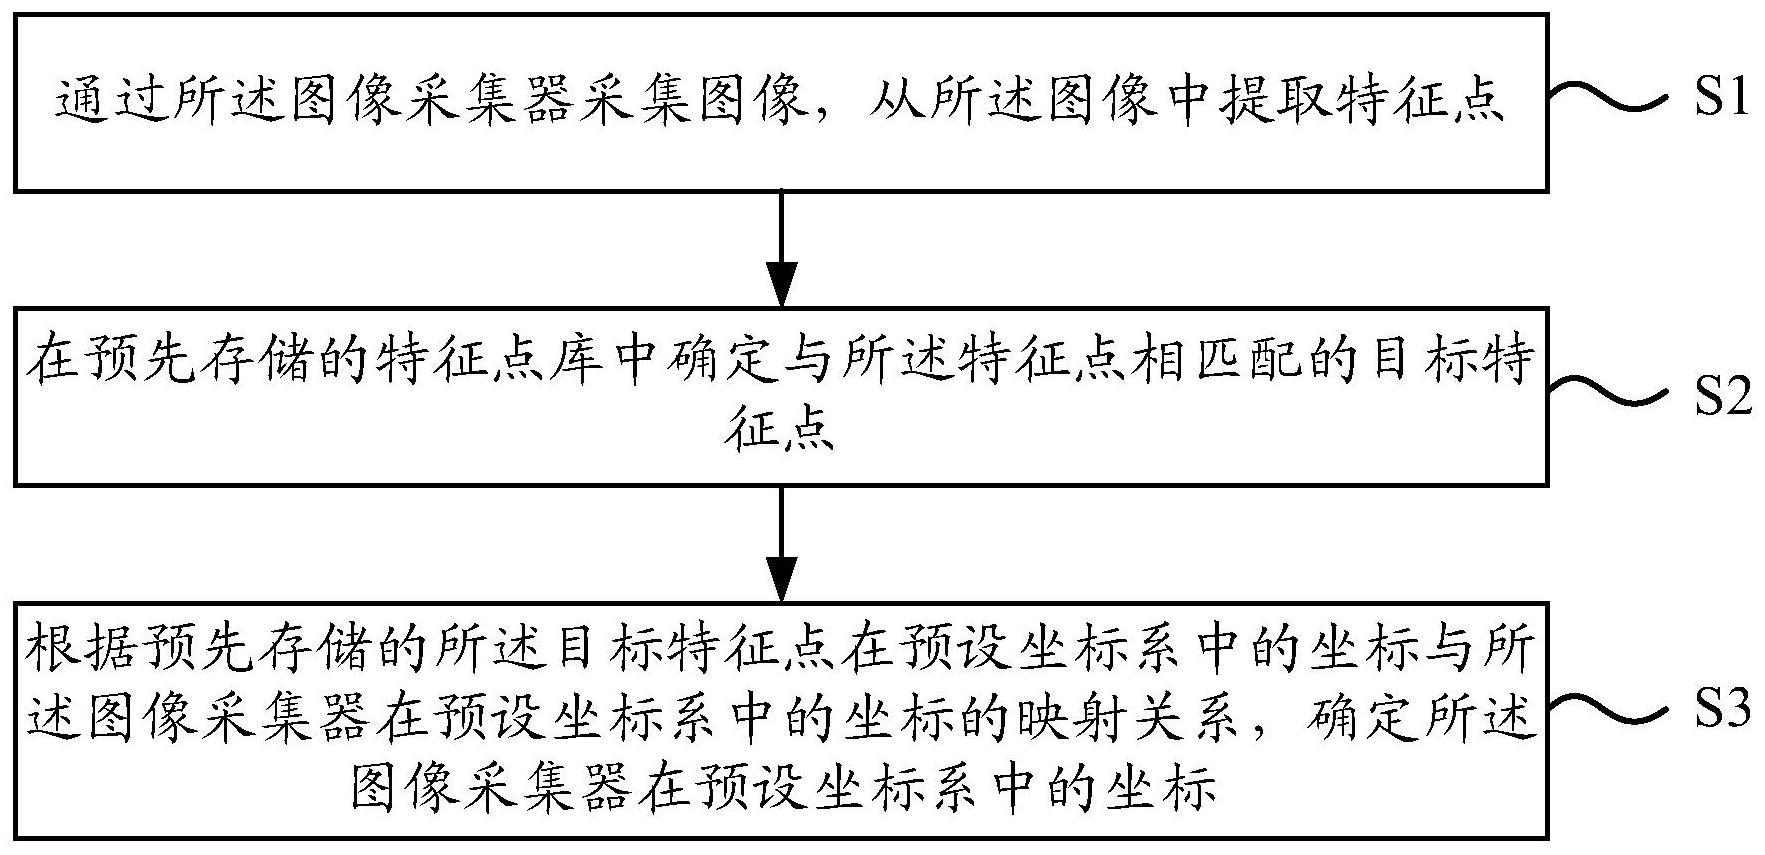 机器人定位方法和机器人定位装置